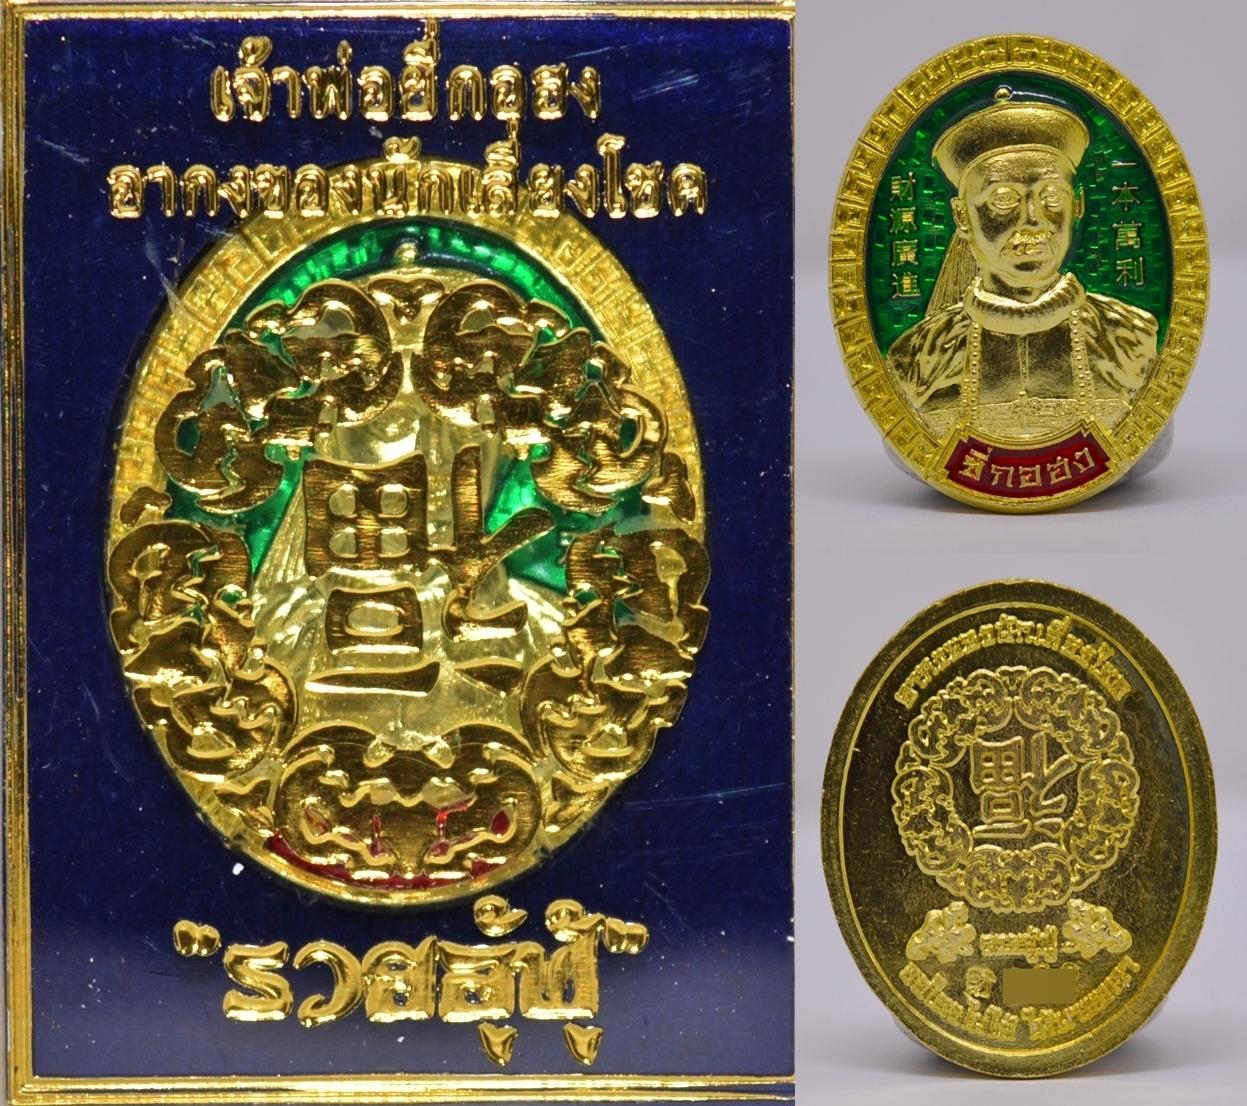 เหรียญเจ้าพ่อยี่กอฮง เนื้อกะหลั่ยทองลงยาสีเขียว  รุ่นรวยอู้ฟู่  2563